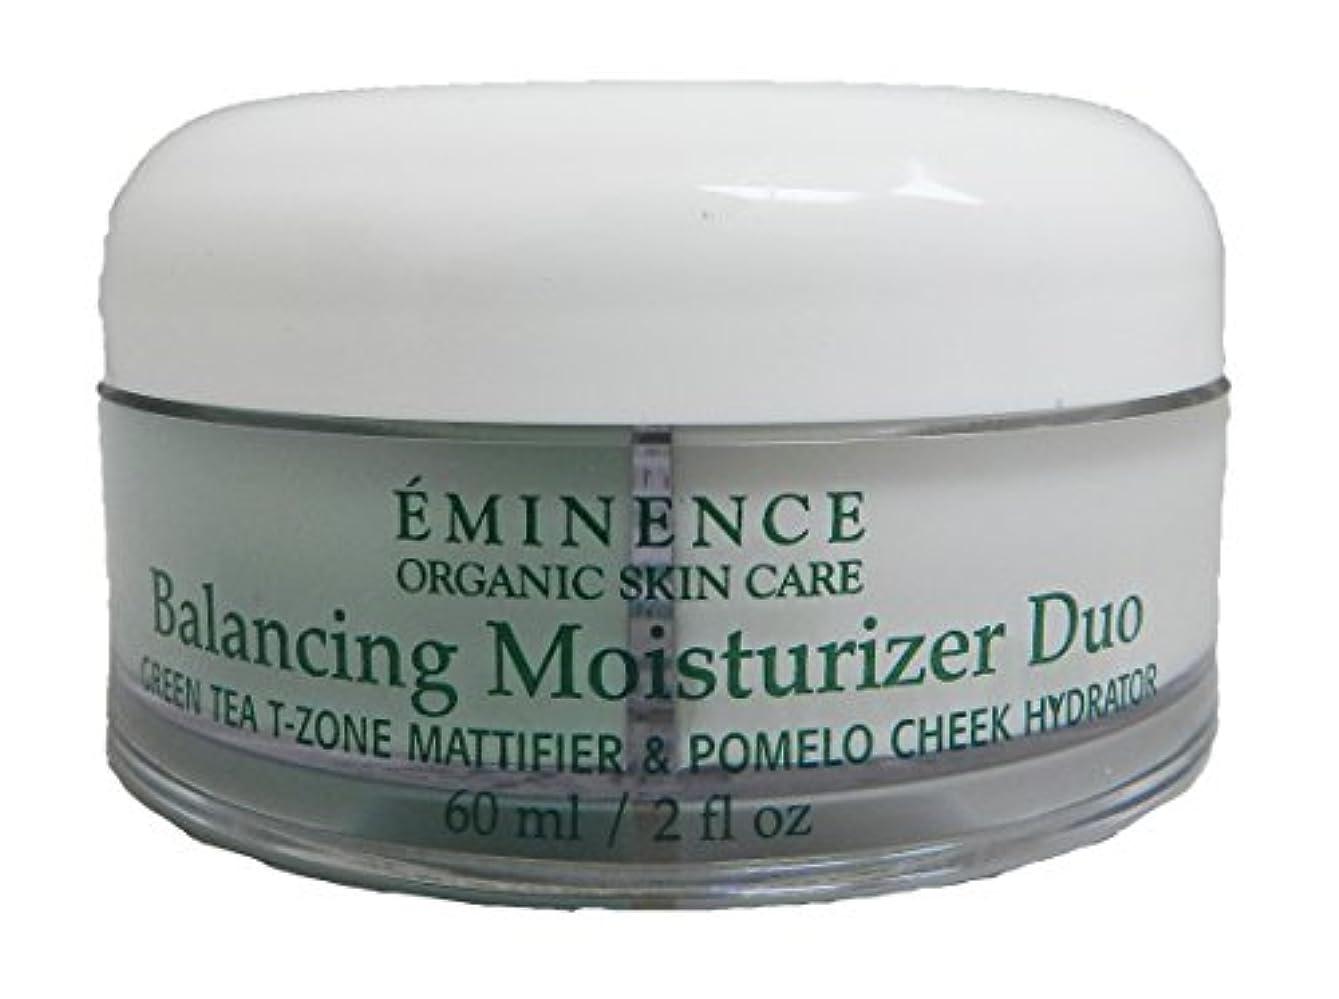 羊飼い入り口高速道路エミネンス Balancing Moisturizer Duo: Green Tea T-Zone Mattifier & Pomelo Cheek Hydrator - For Combination Skin Types...